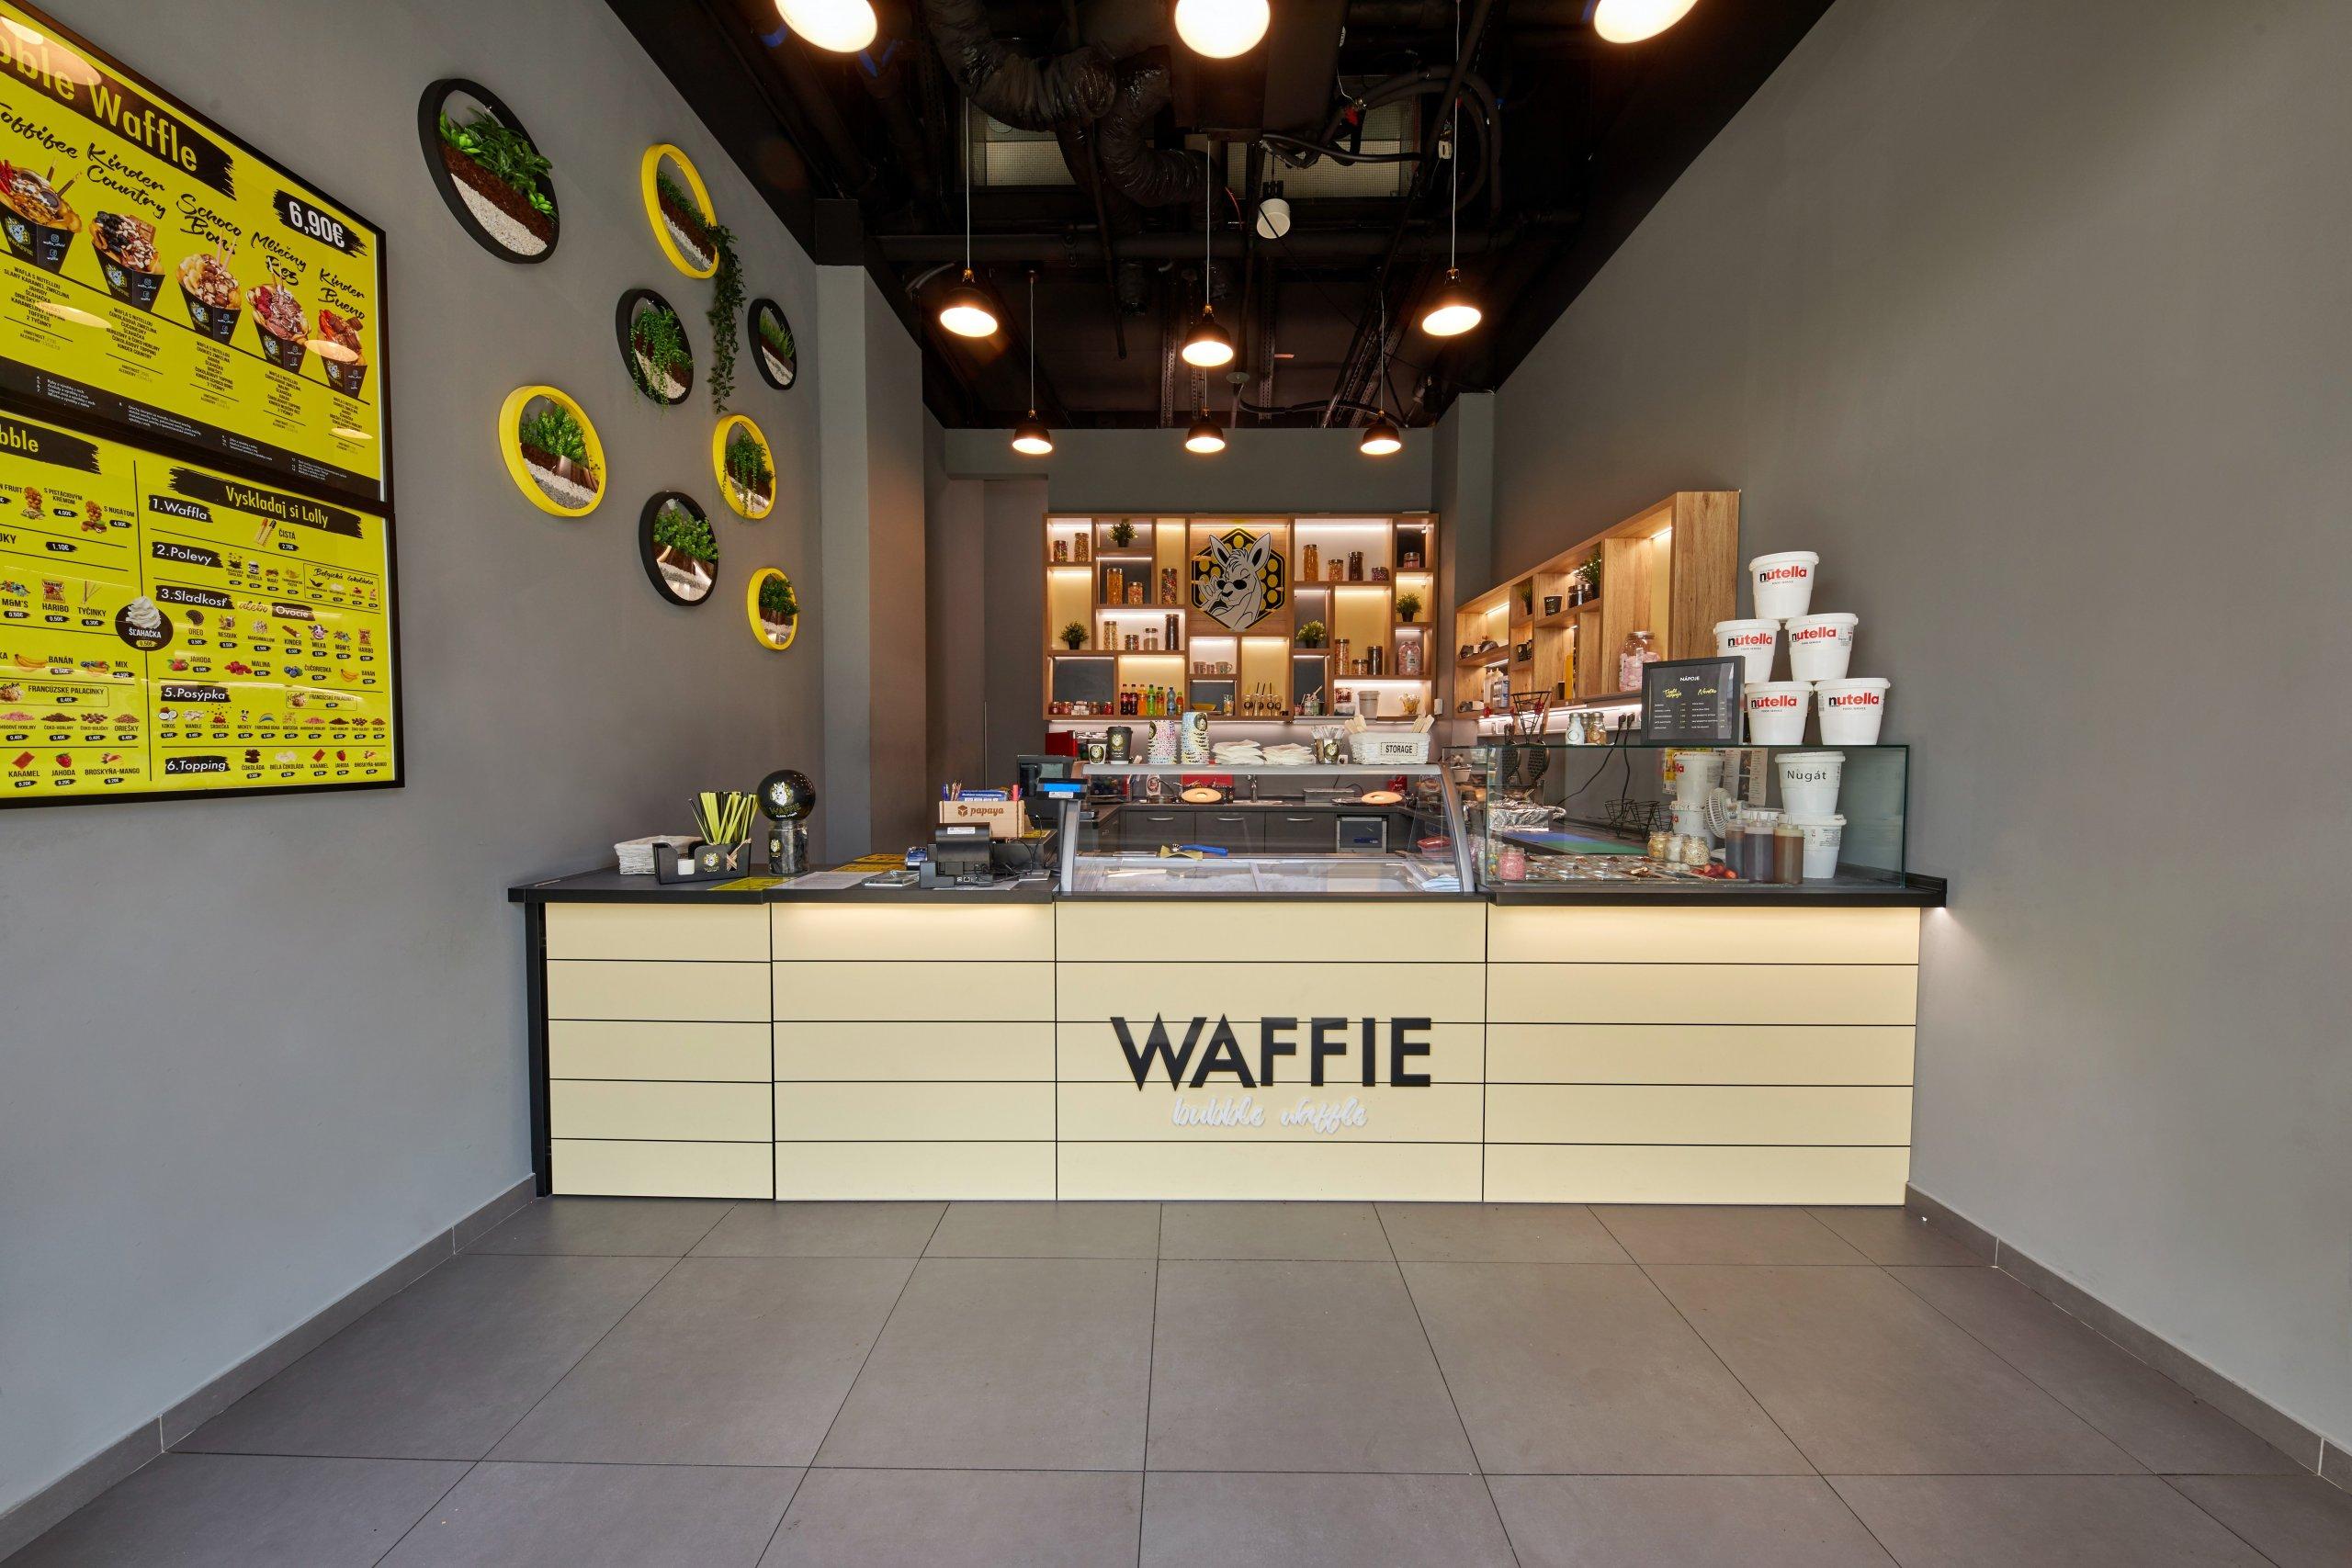 Zrealizovaný projekt prevádzkyWaffiev nákupnom centre Eurovea v Bratislave. Kontrastné farebné kombinácie, doplnky, osvetlenie a samotné wafle…